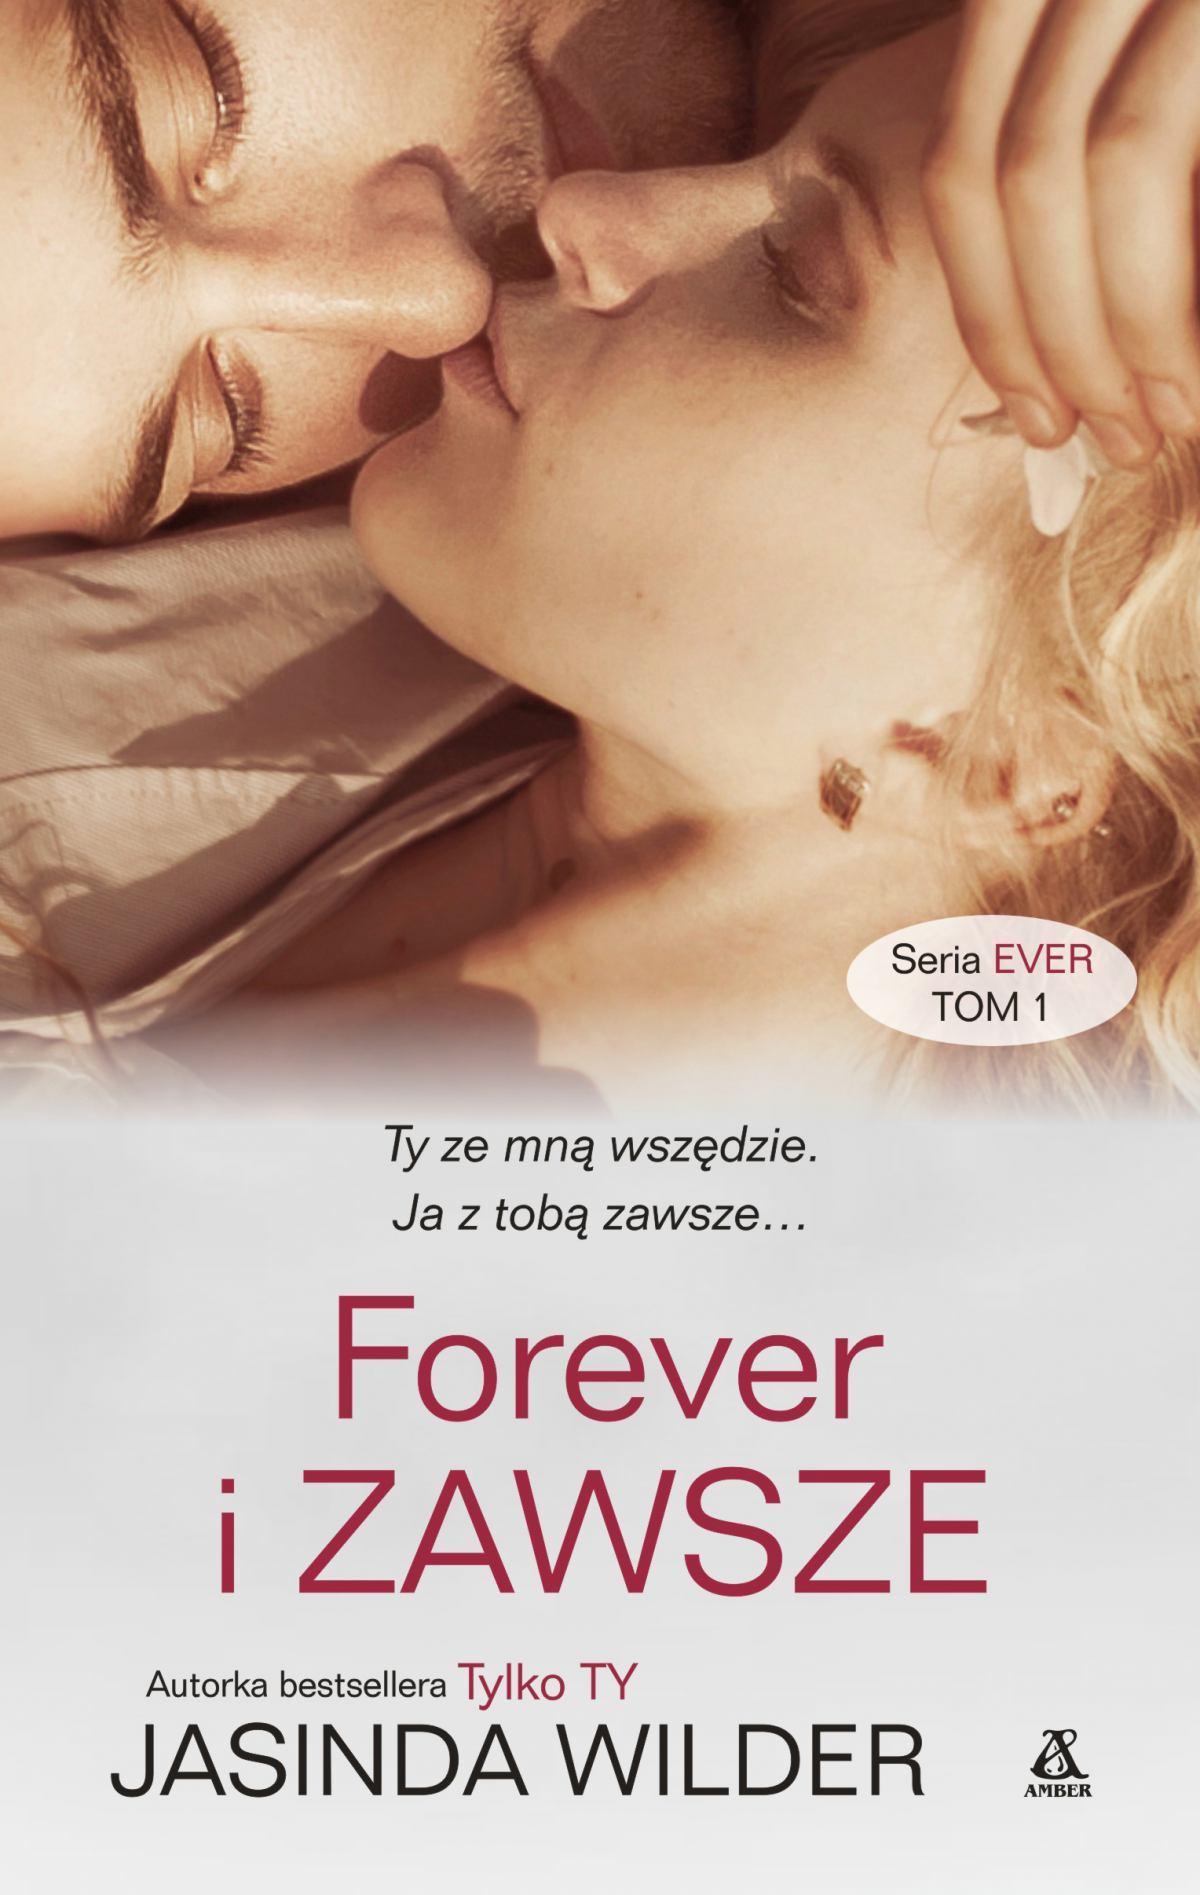 Forever i zawsze - Ebook (Książka EPUB) do pobrania w formacie EPUB